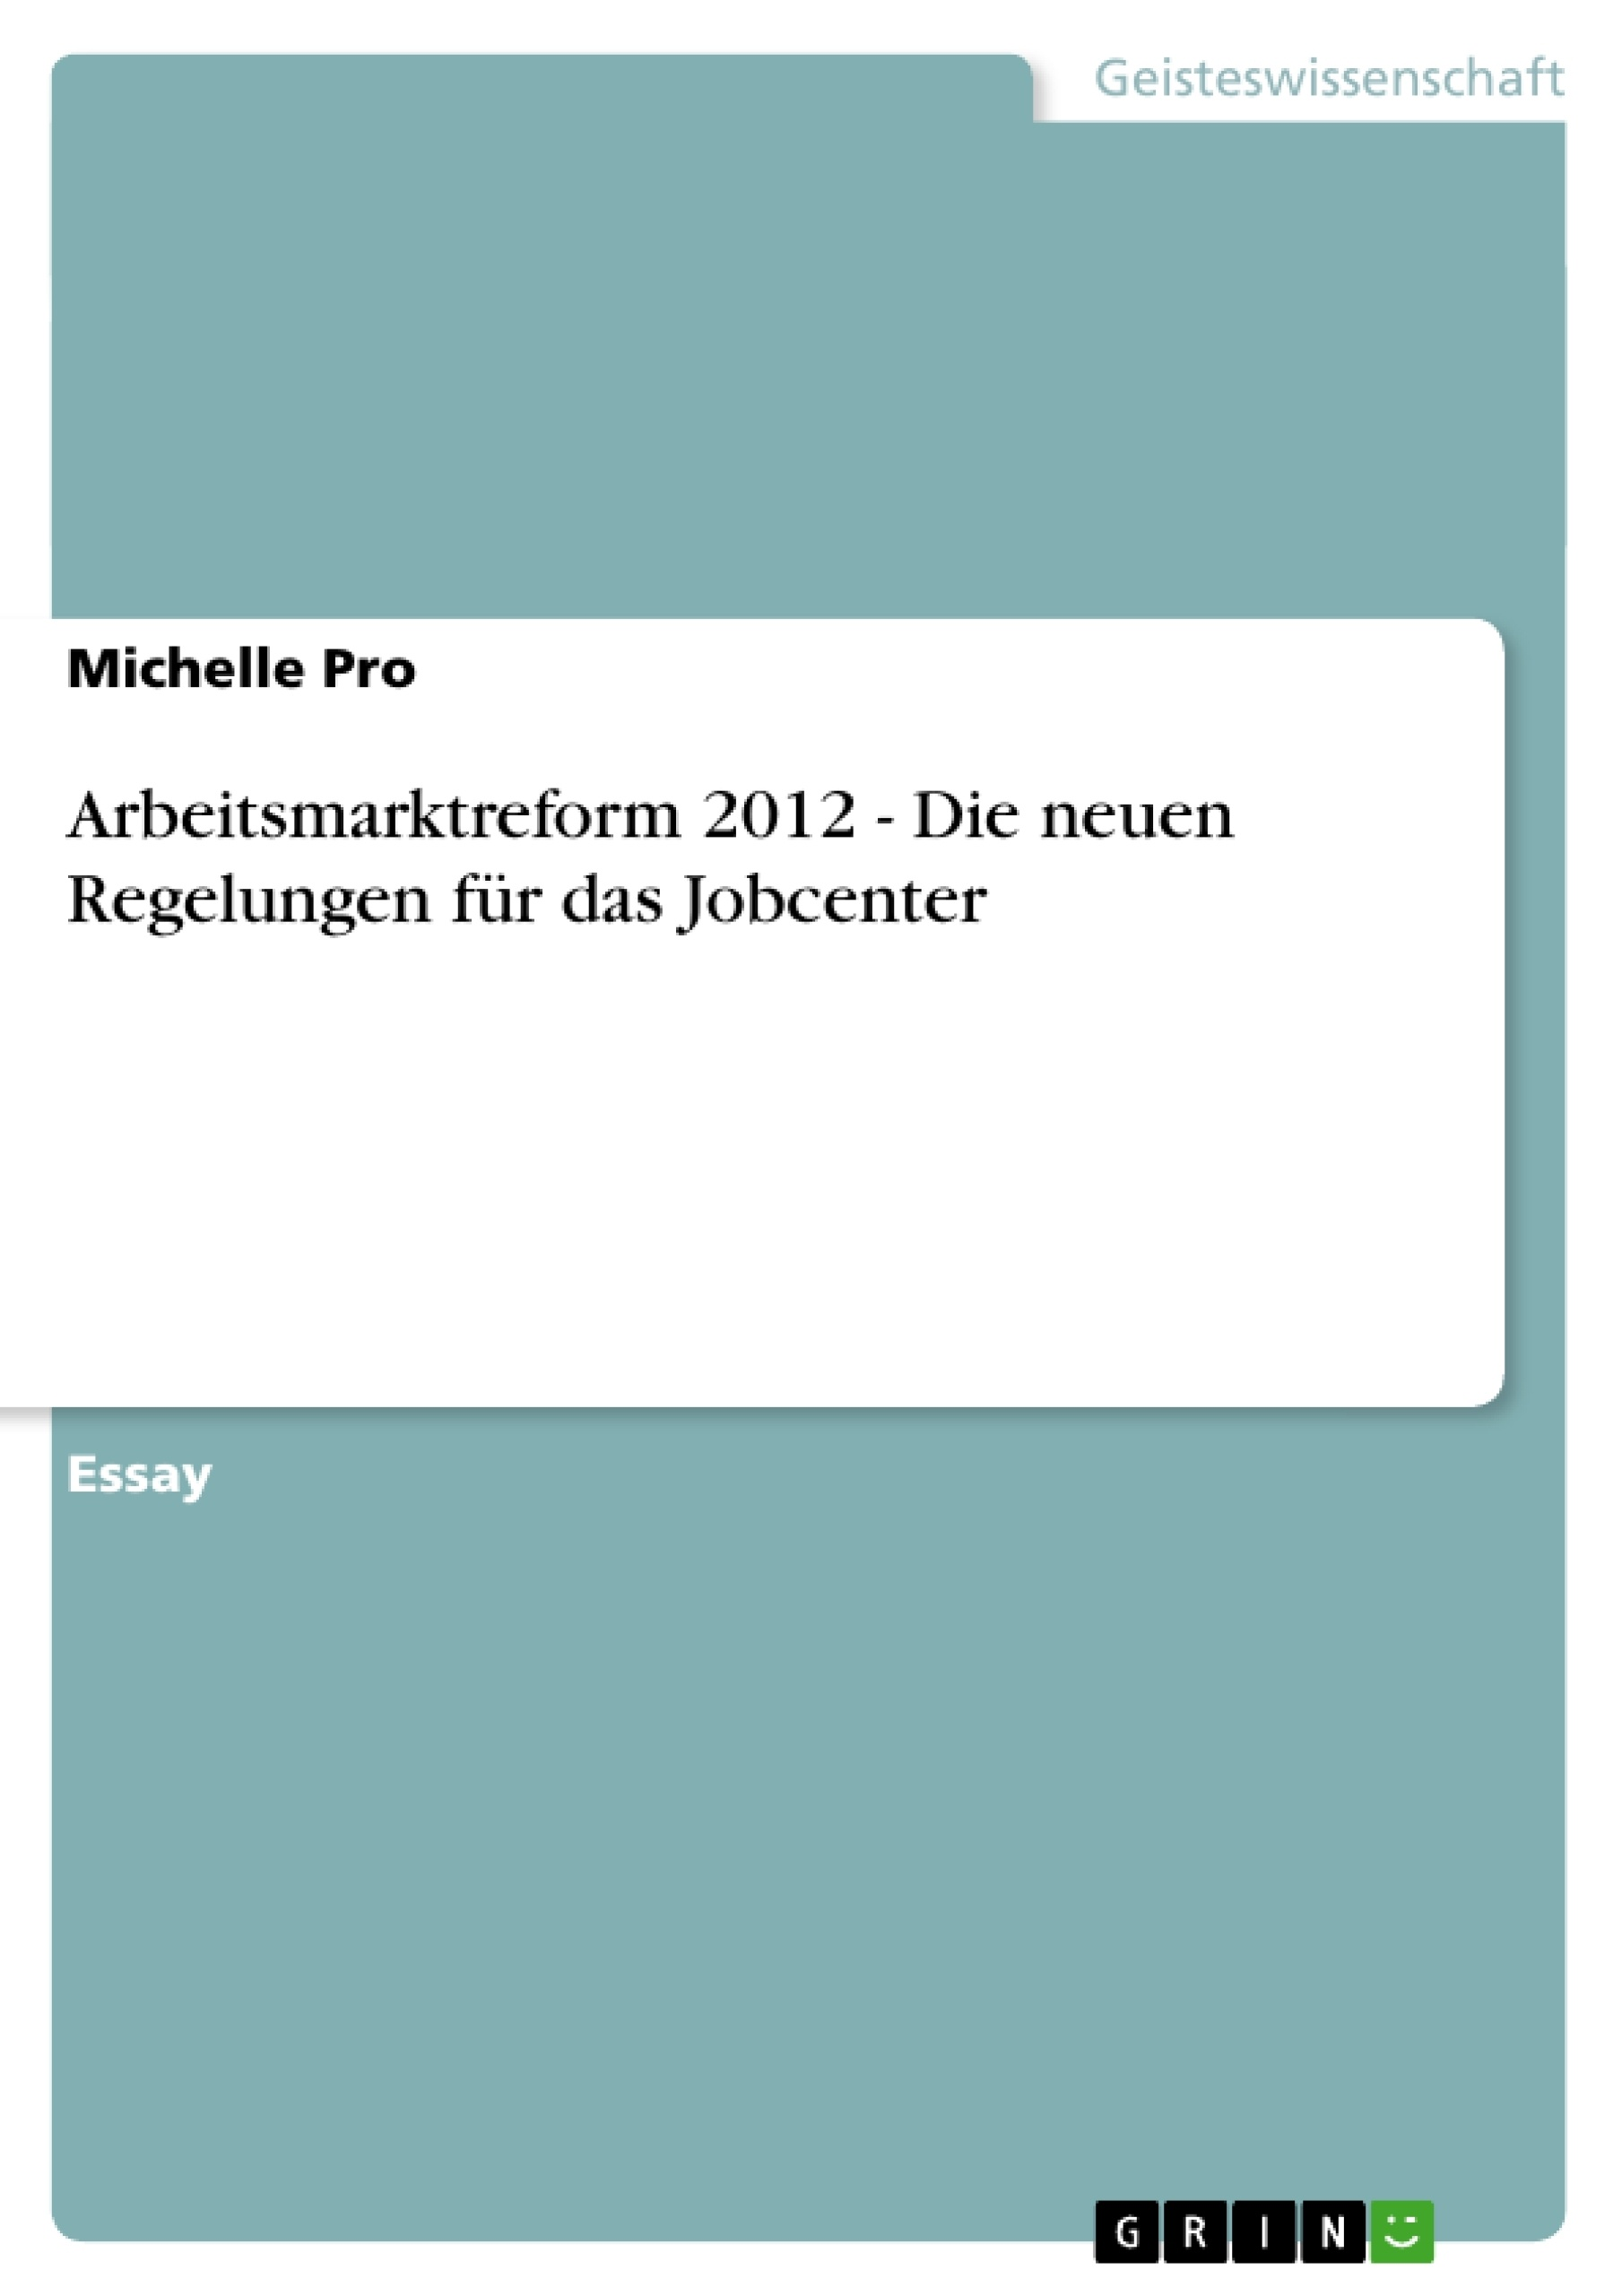 Titel: Arbeitsmarktreform 2012 - Die neuen Regelungen für das Jobcenter